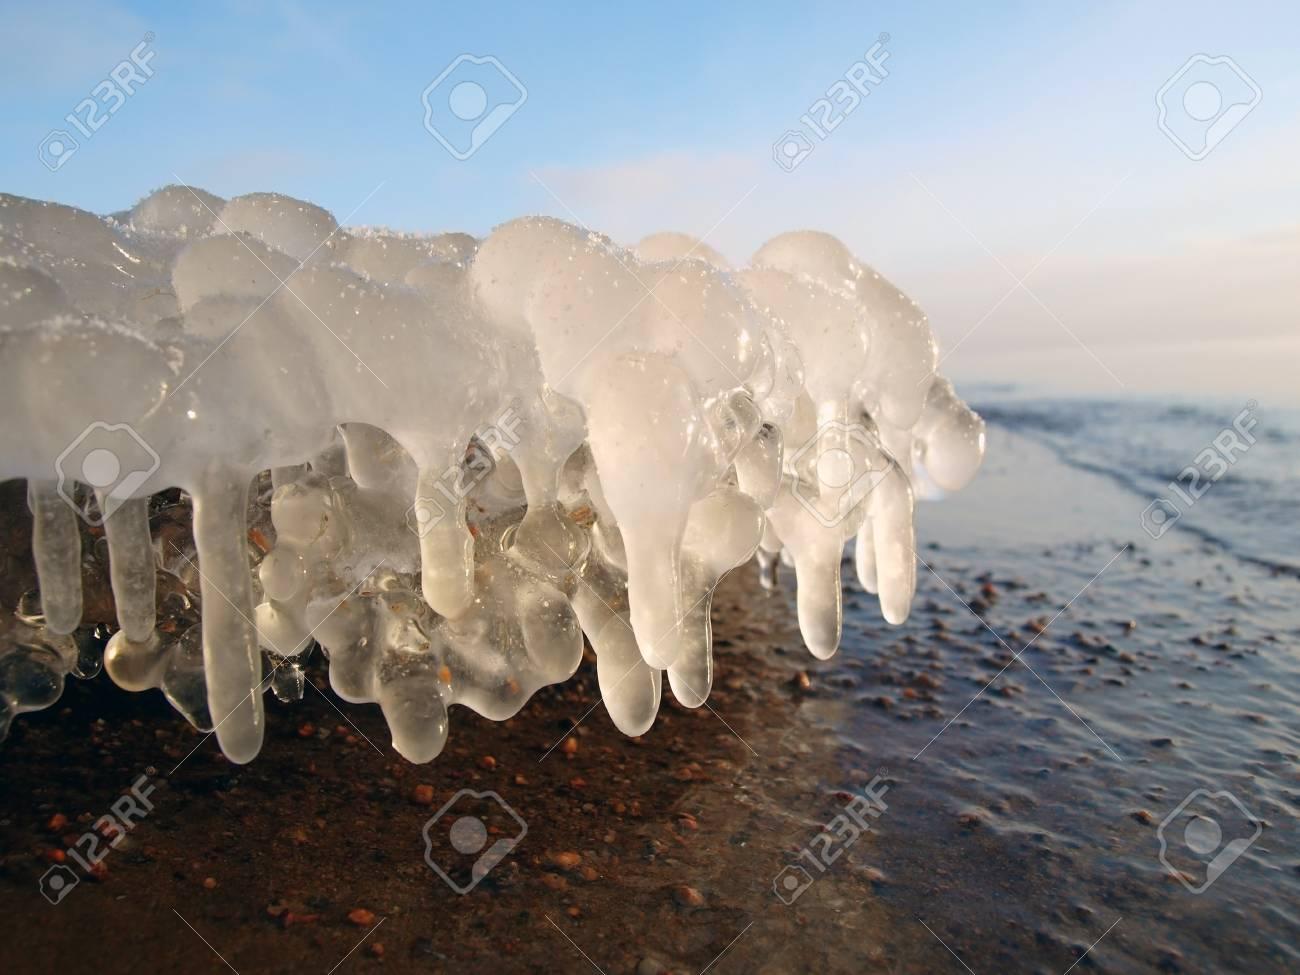 Beautiful Ice stalactites on the lake shore Stock Photo - 8462574